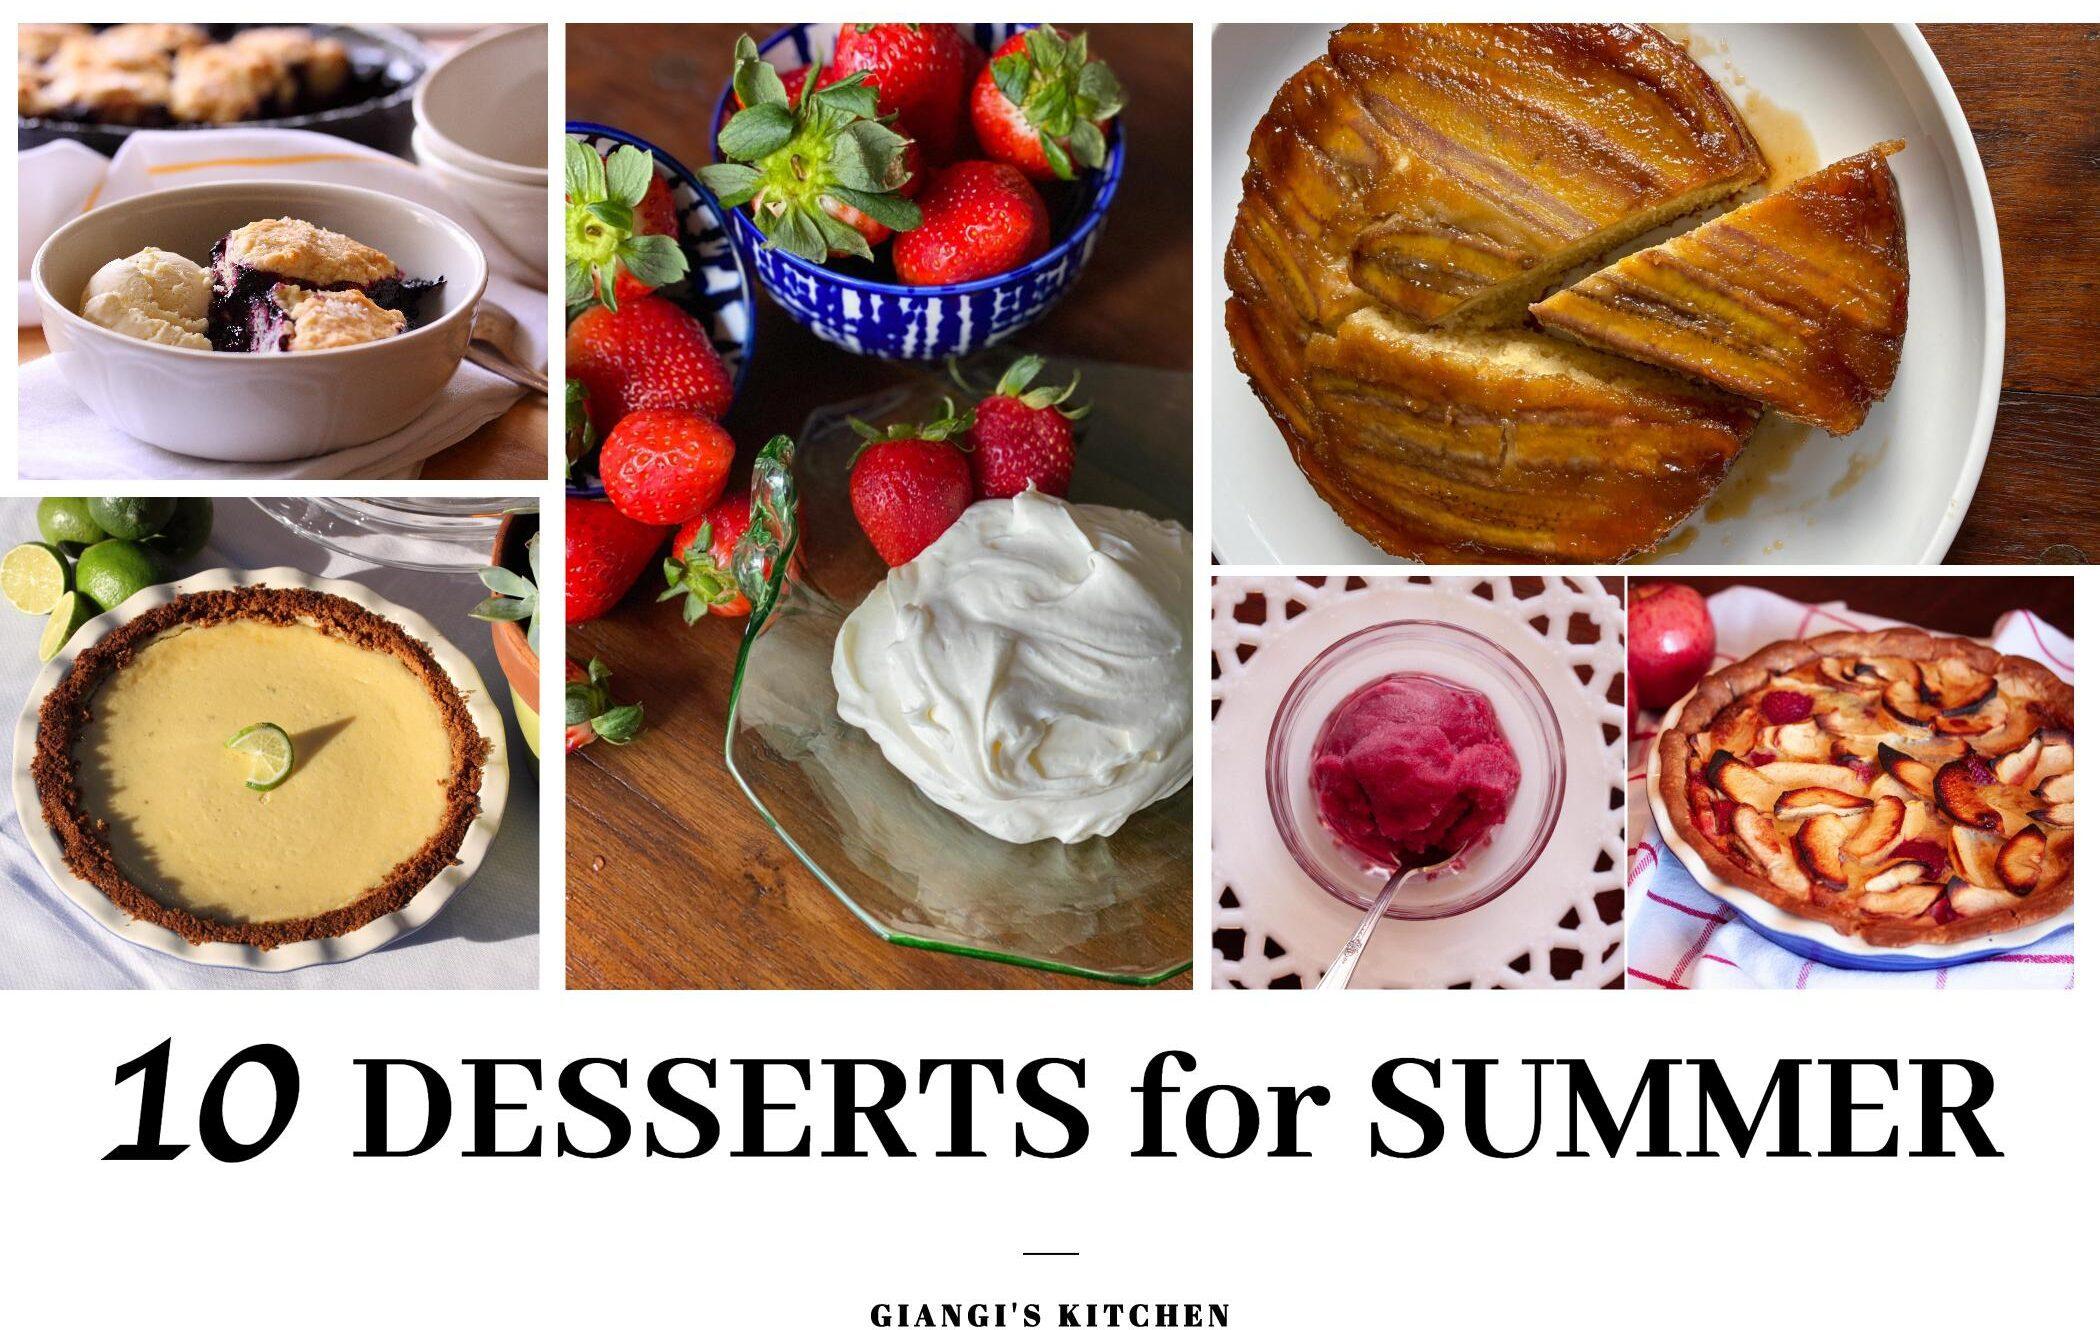 10 desserts for summer